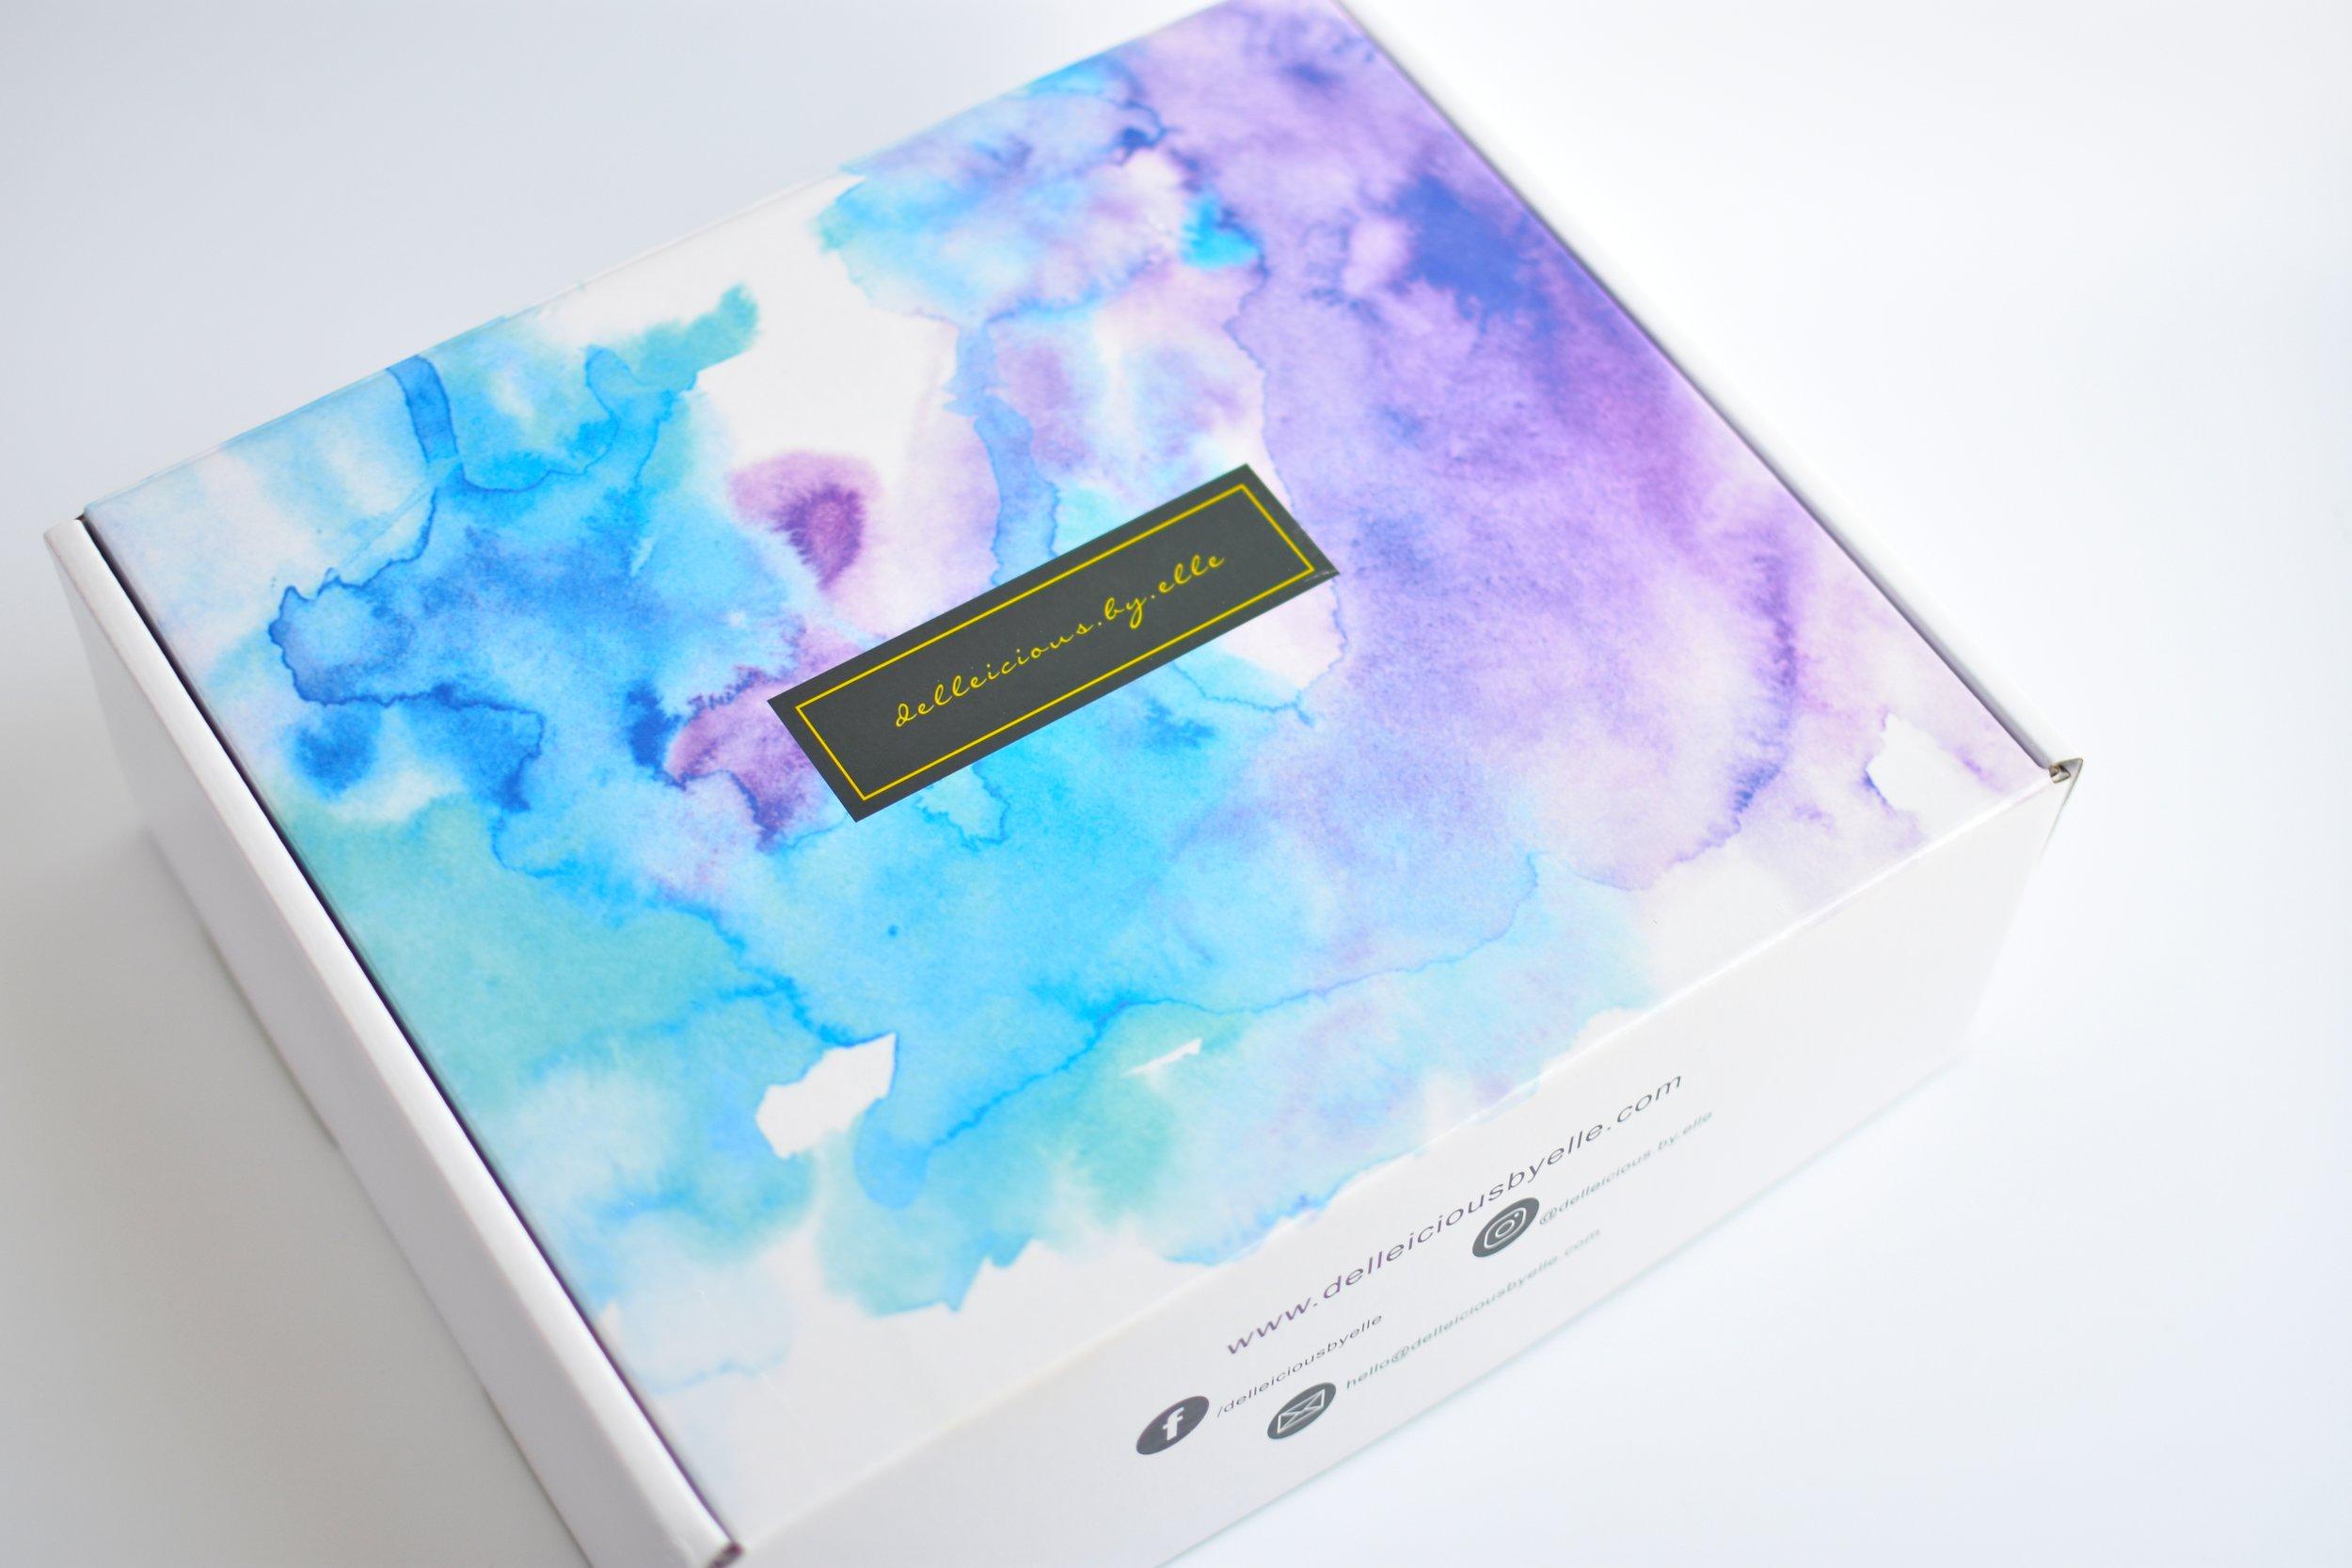 SPOIL ME (Mini Treats) DESSERT BOX  $69.00